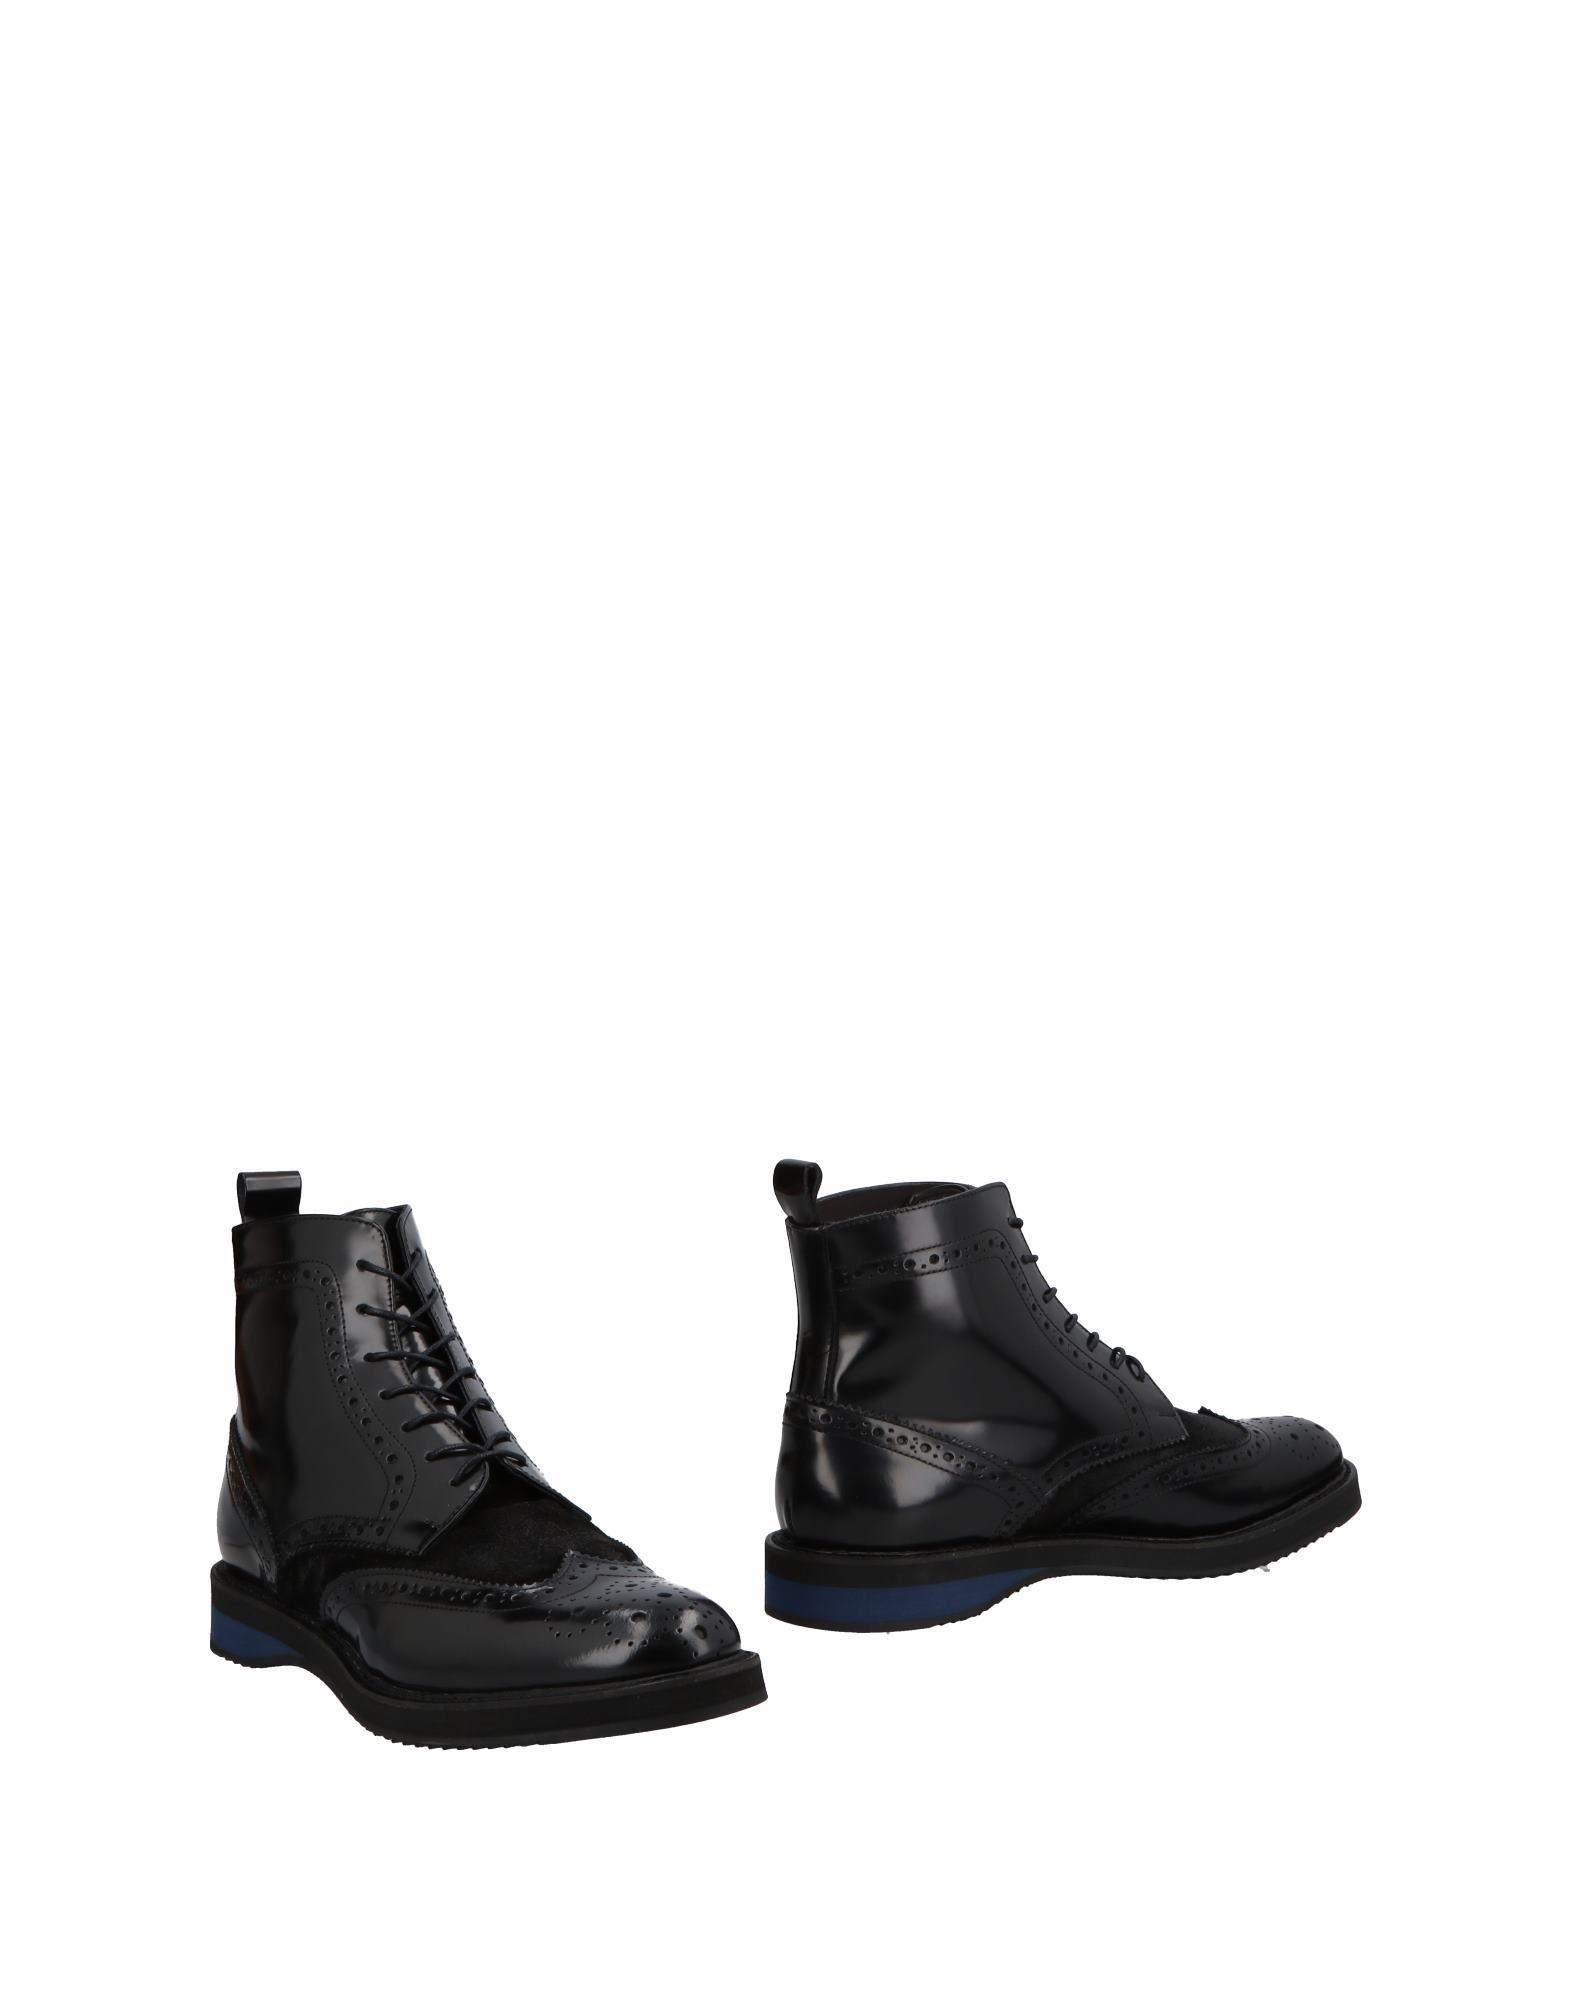 Baldinini Stiefelette Herren  11487954FH Gute Qualität beliebte Schuhe